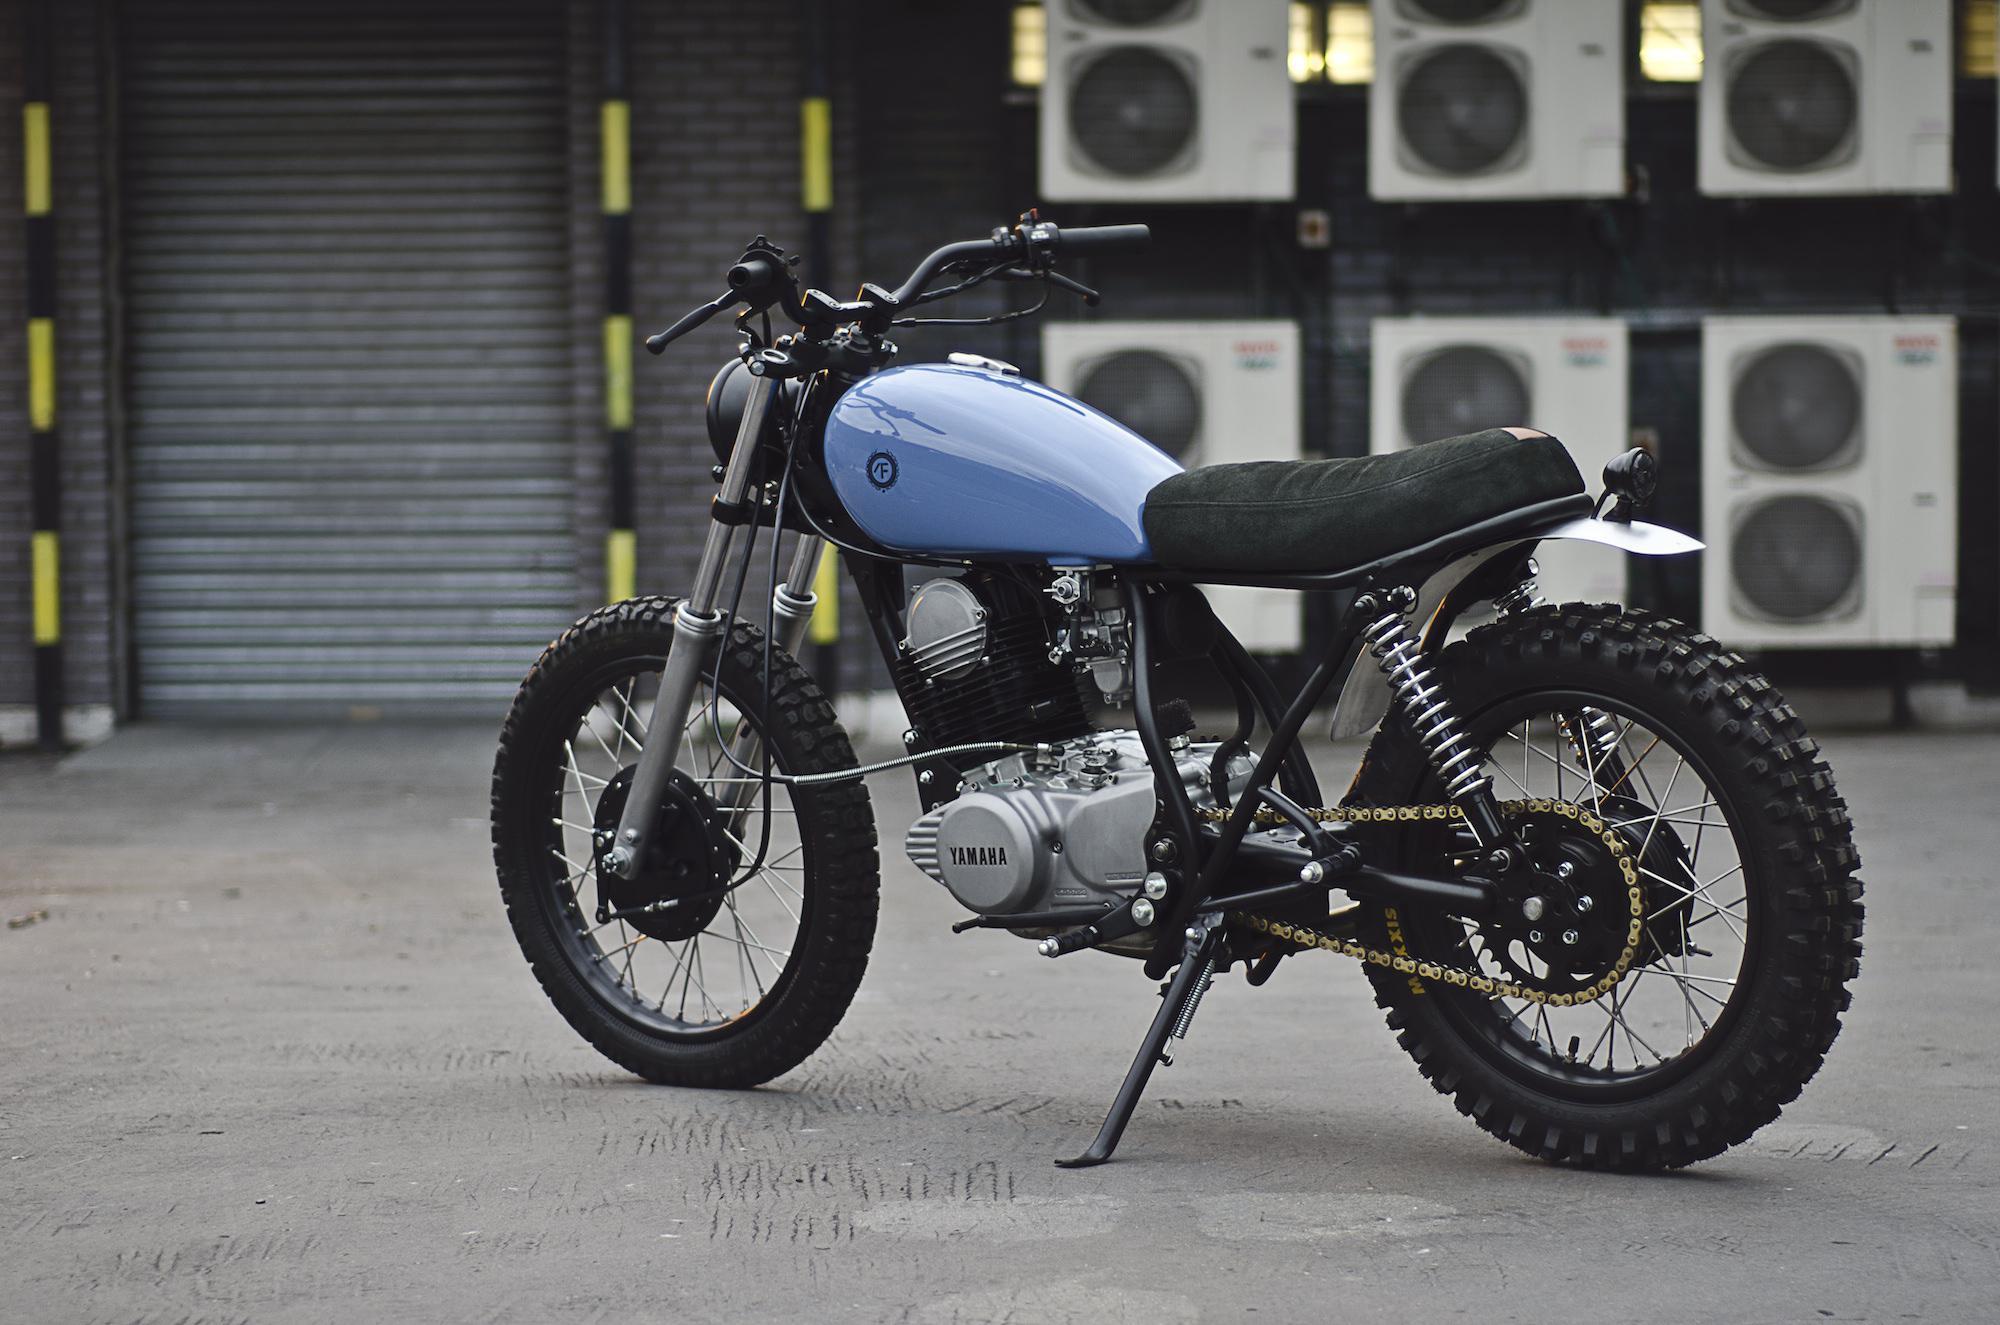 yamaha sr500 by auto fabrica motorrad fotos motorrad bilder. Black Bedroom Furniture Sets. Home Design Ideas